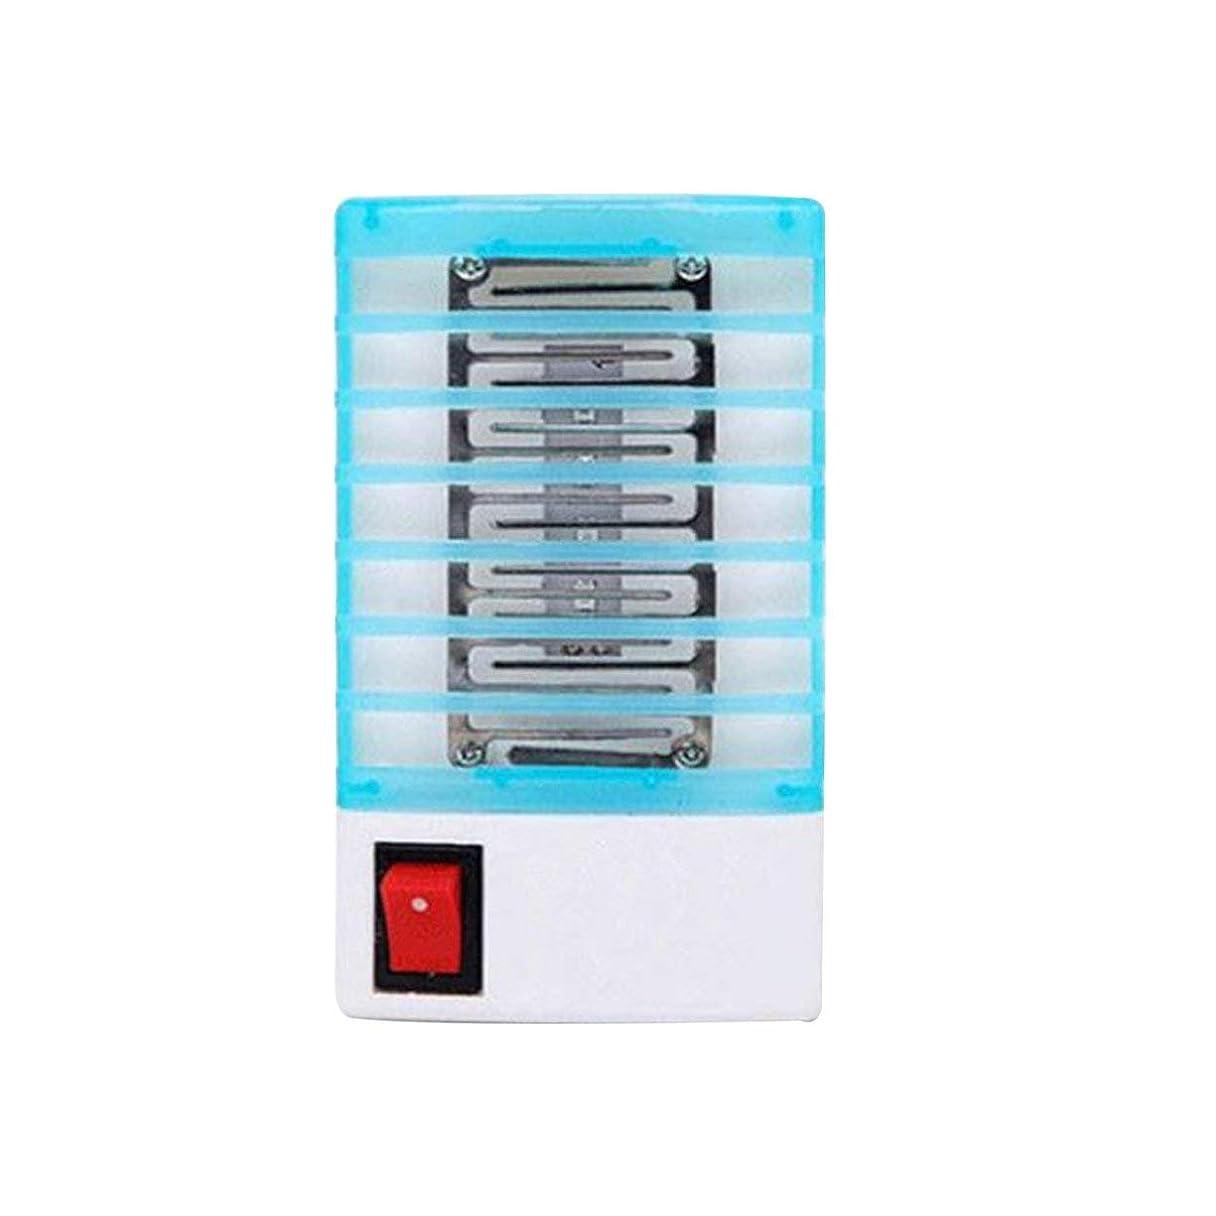 ネックレットワークショップ隠された光触媒蚊キラーランプ蚊忌避静かなバグ昆虫ライトペストコントロールLED UVライトナイトランプ - ランダム